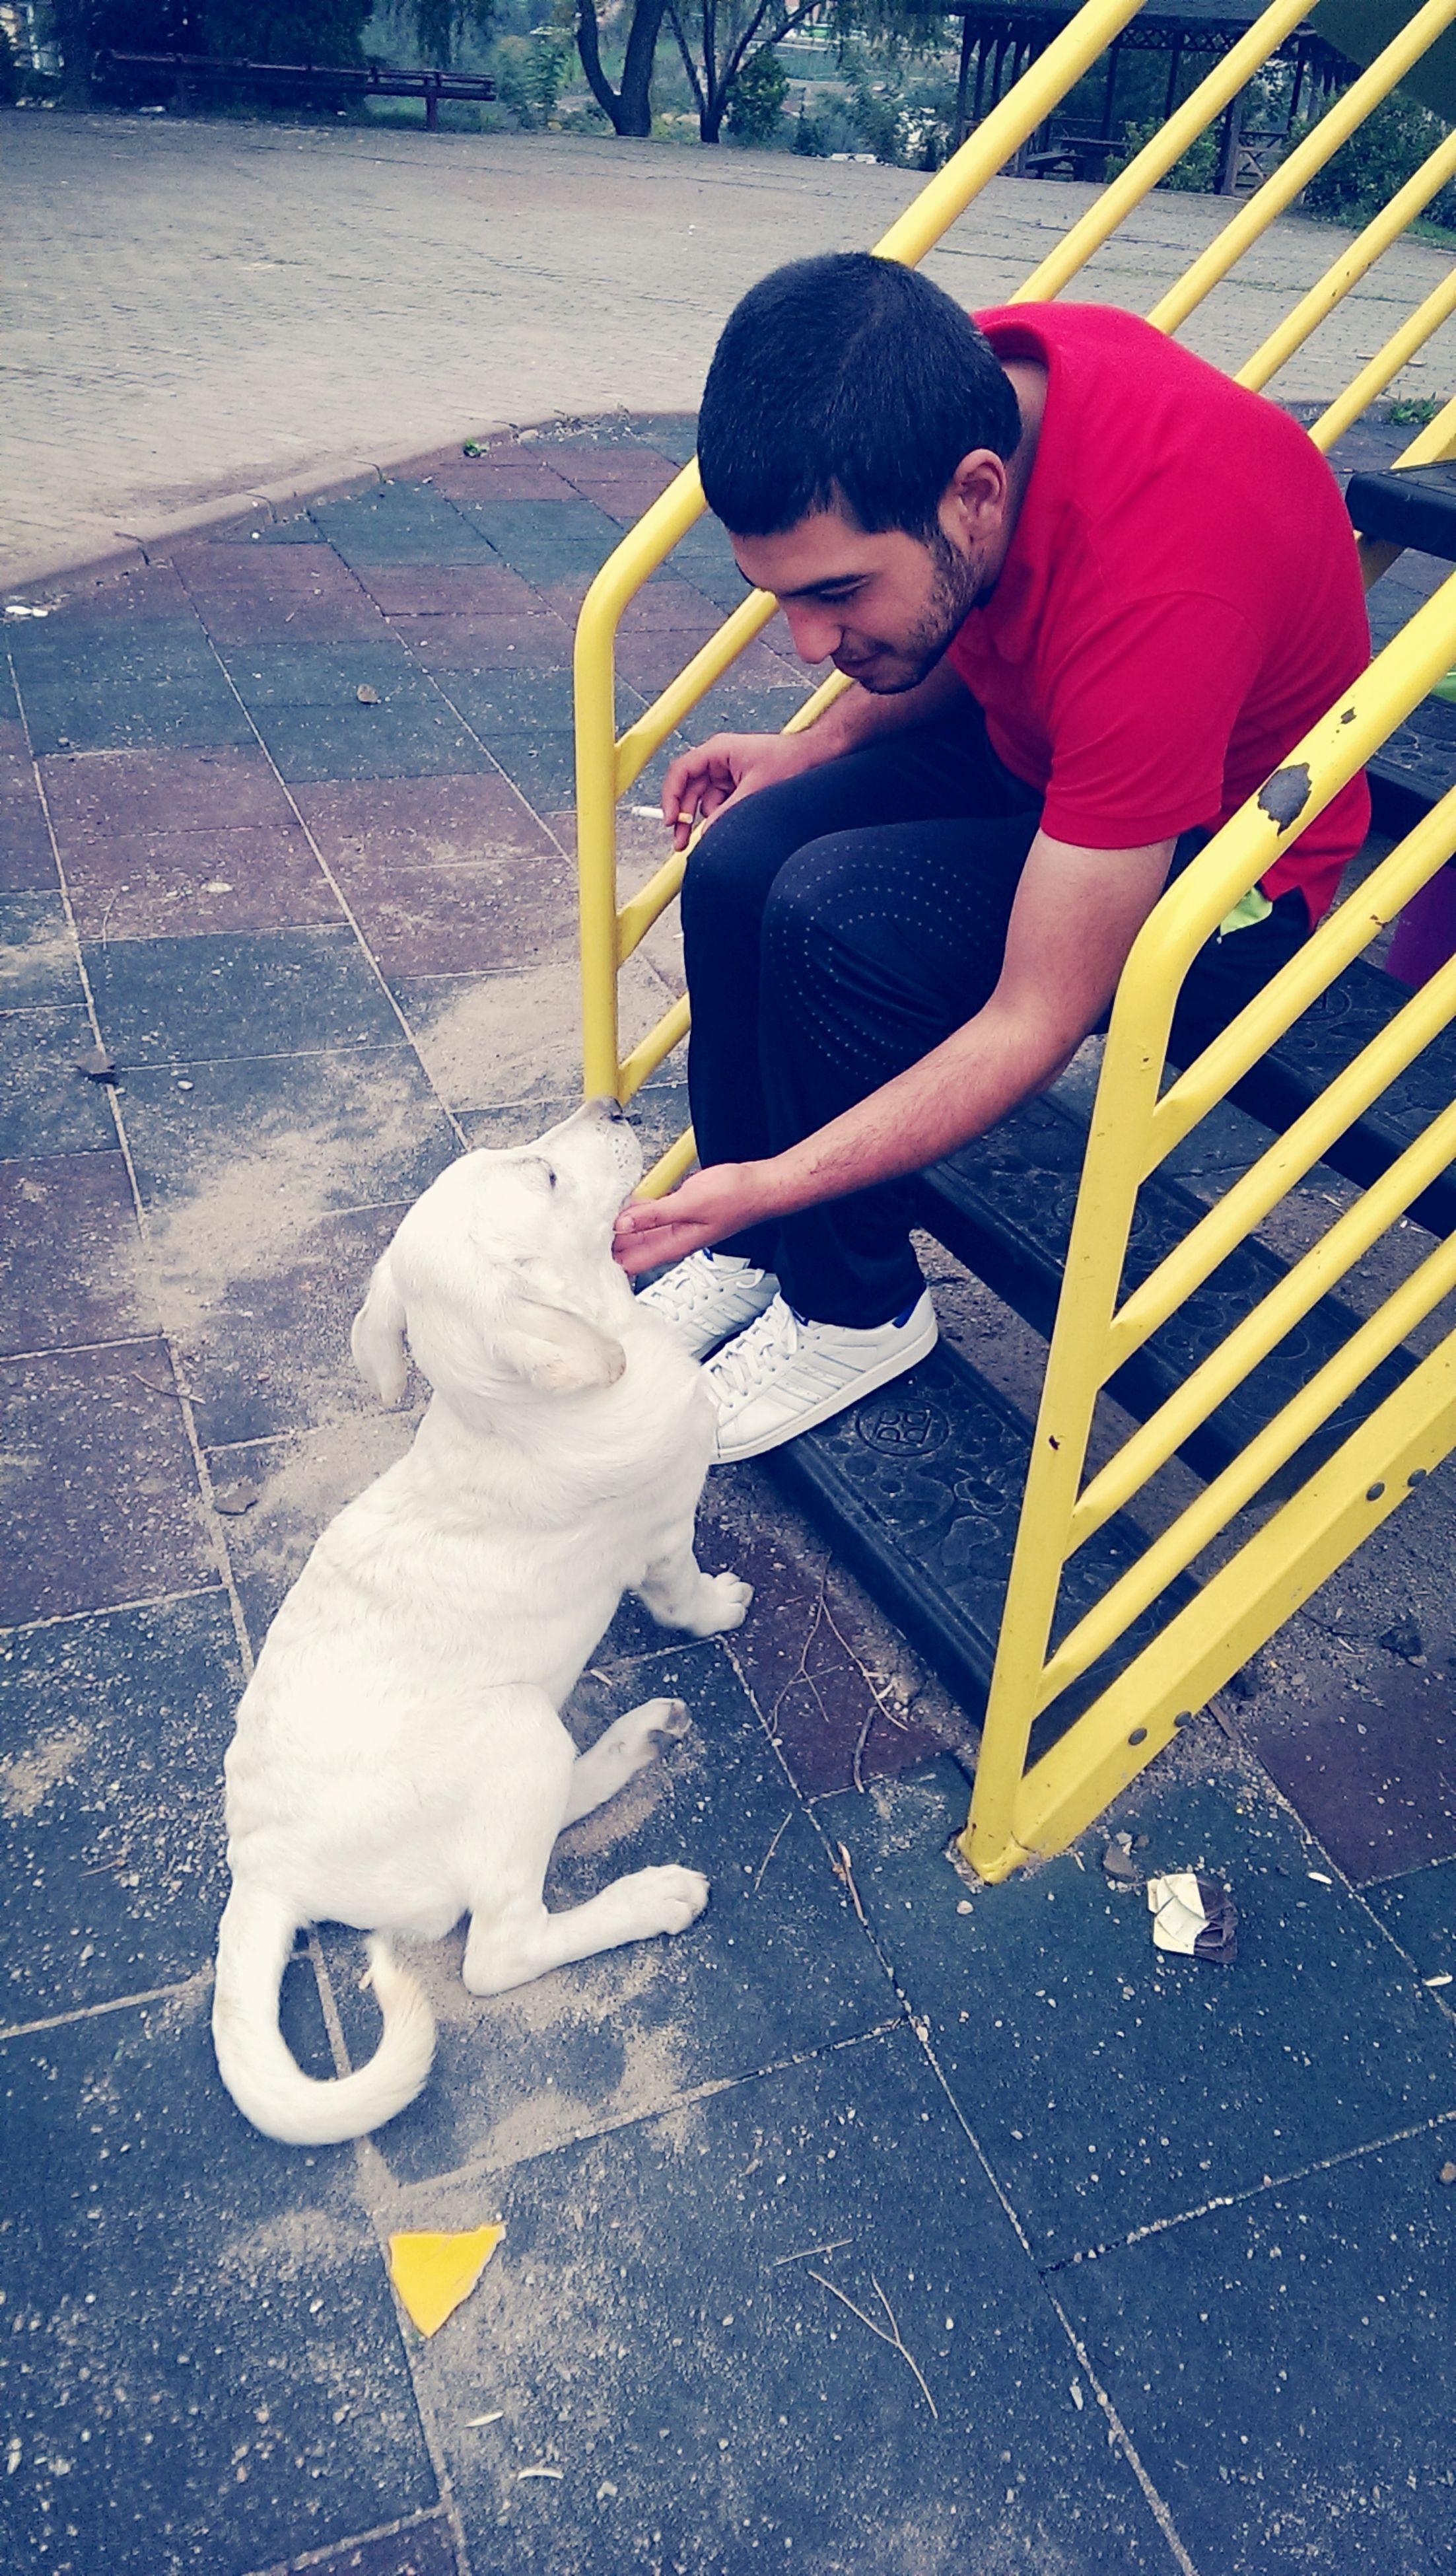 Dog Dogs doglove